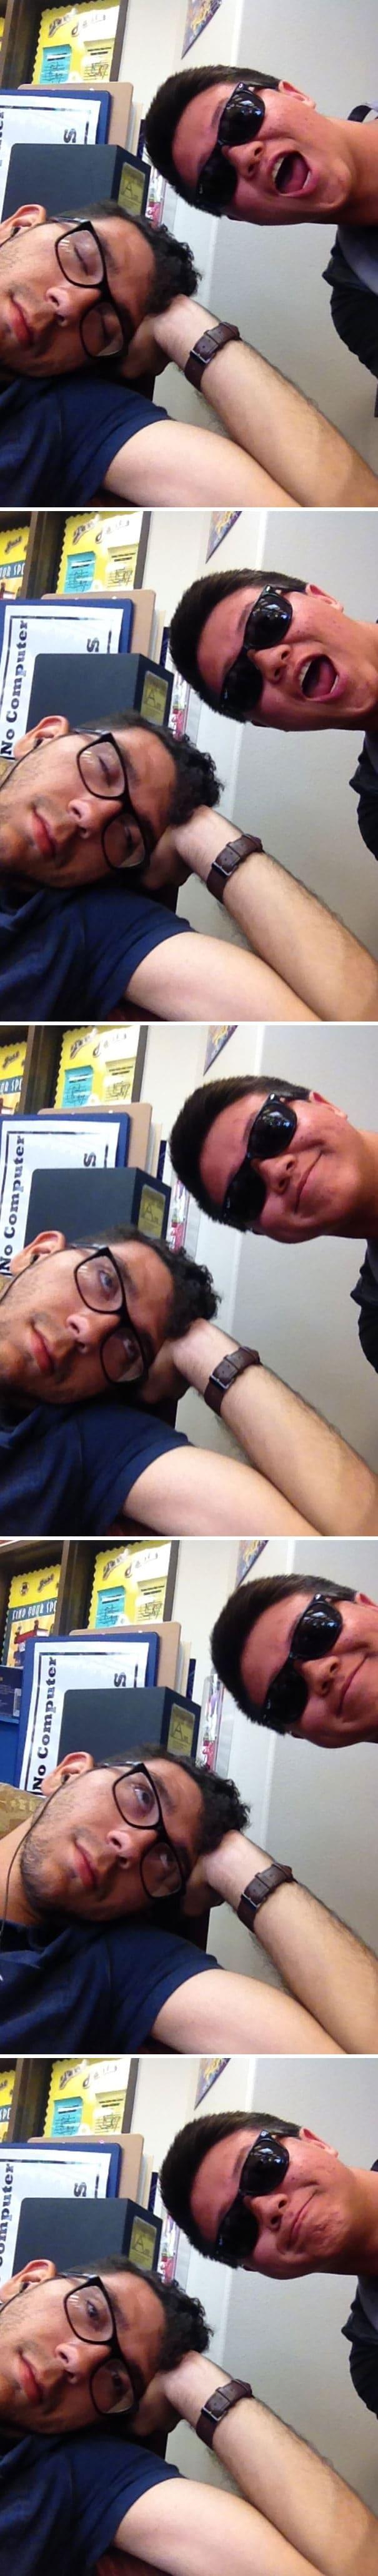 фото со спящим человеком